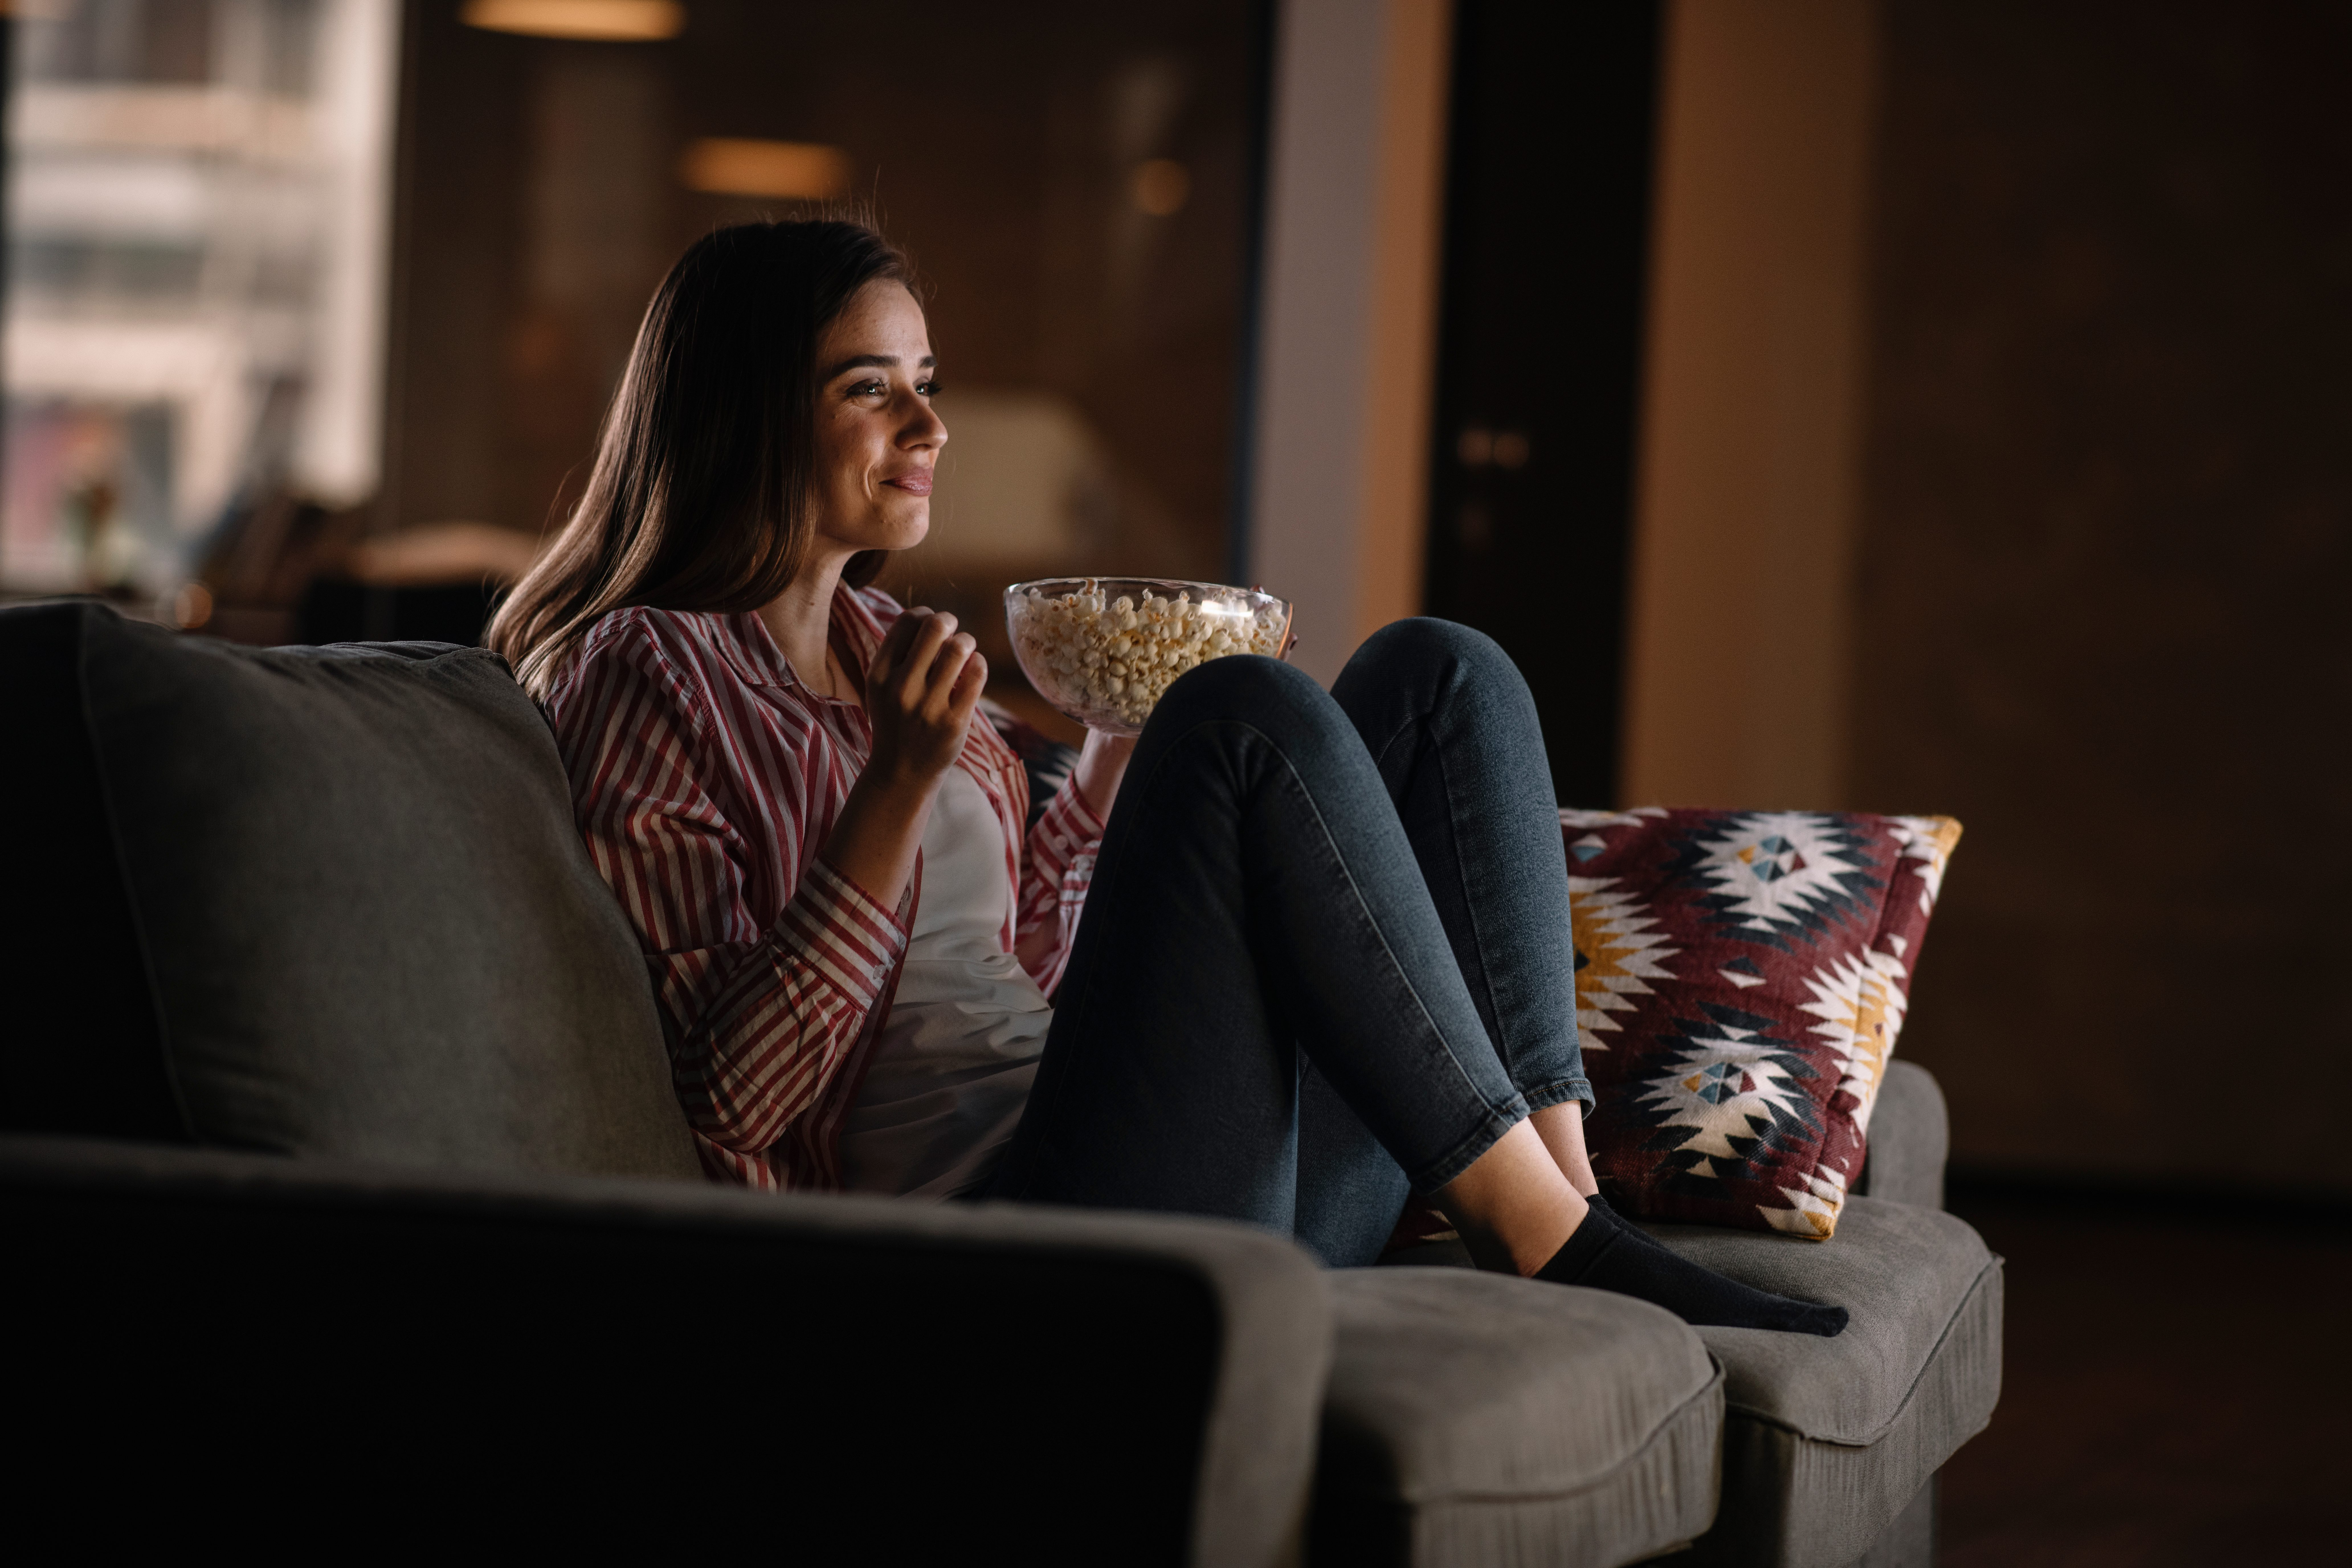 Cibo e serie TV: 10 programmi televisivi dedicati al cibo da guardare a casa